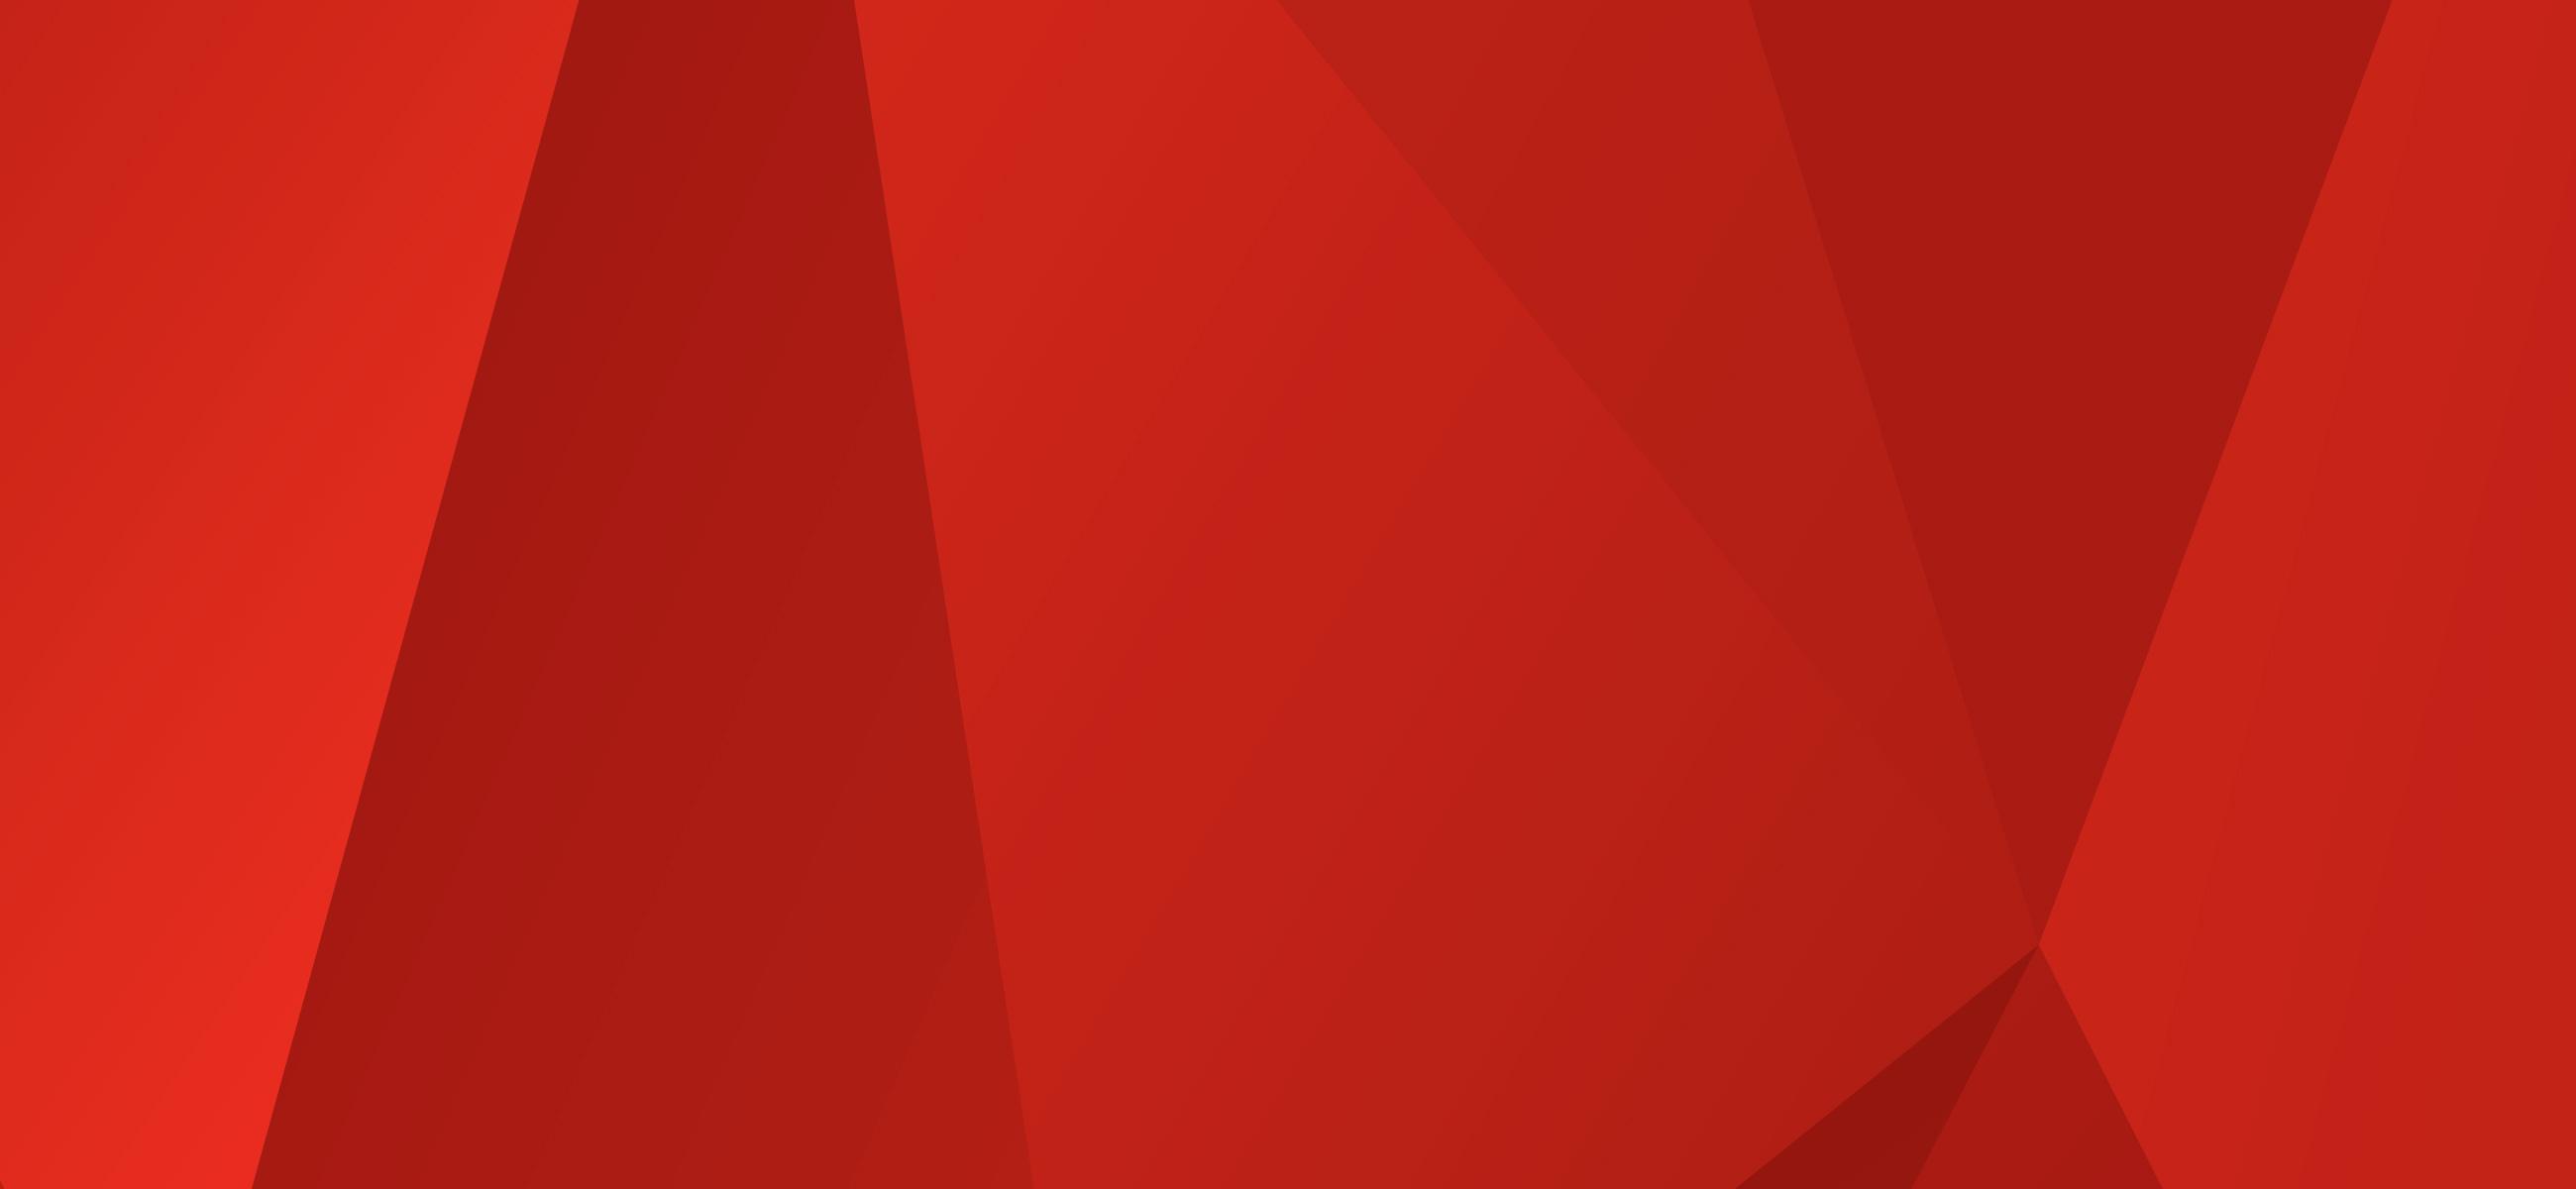 Rotes Bild